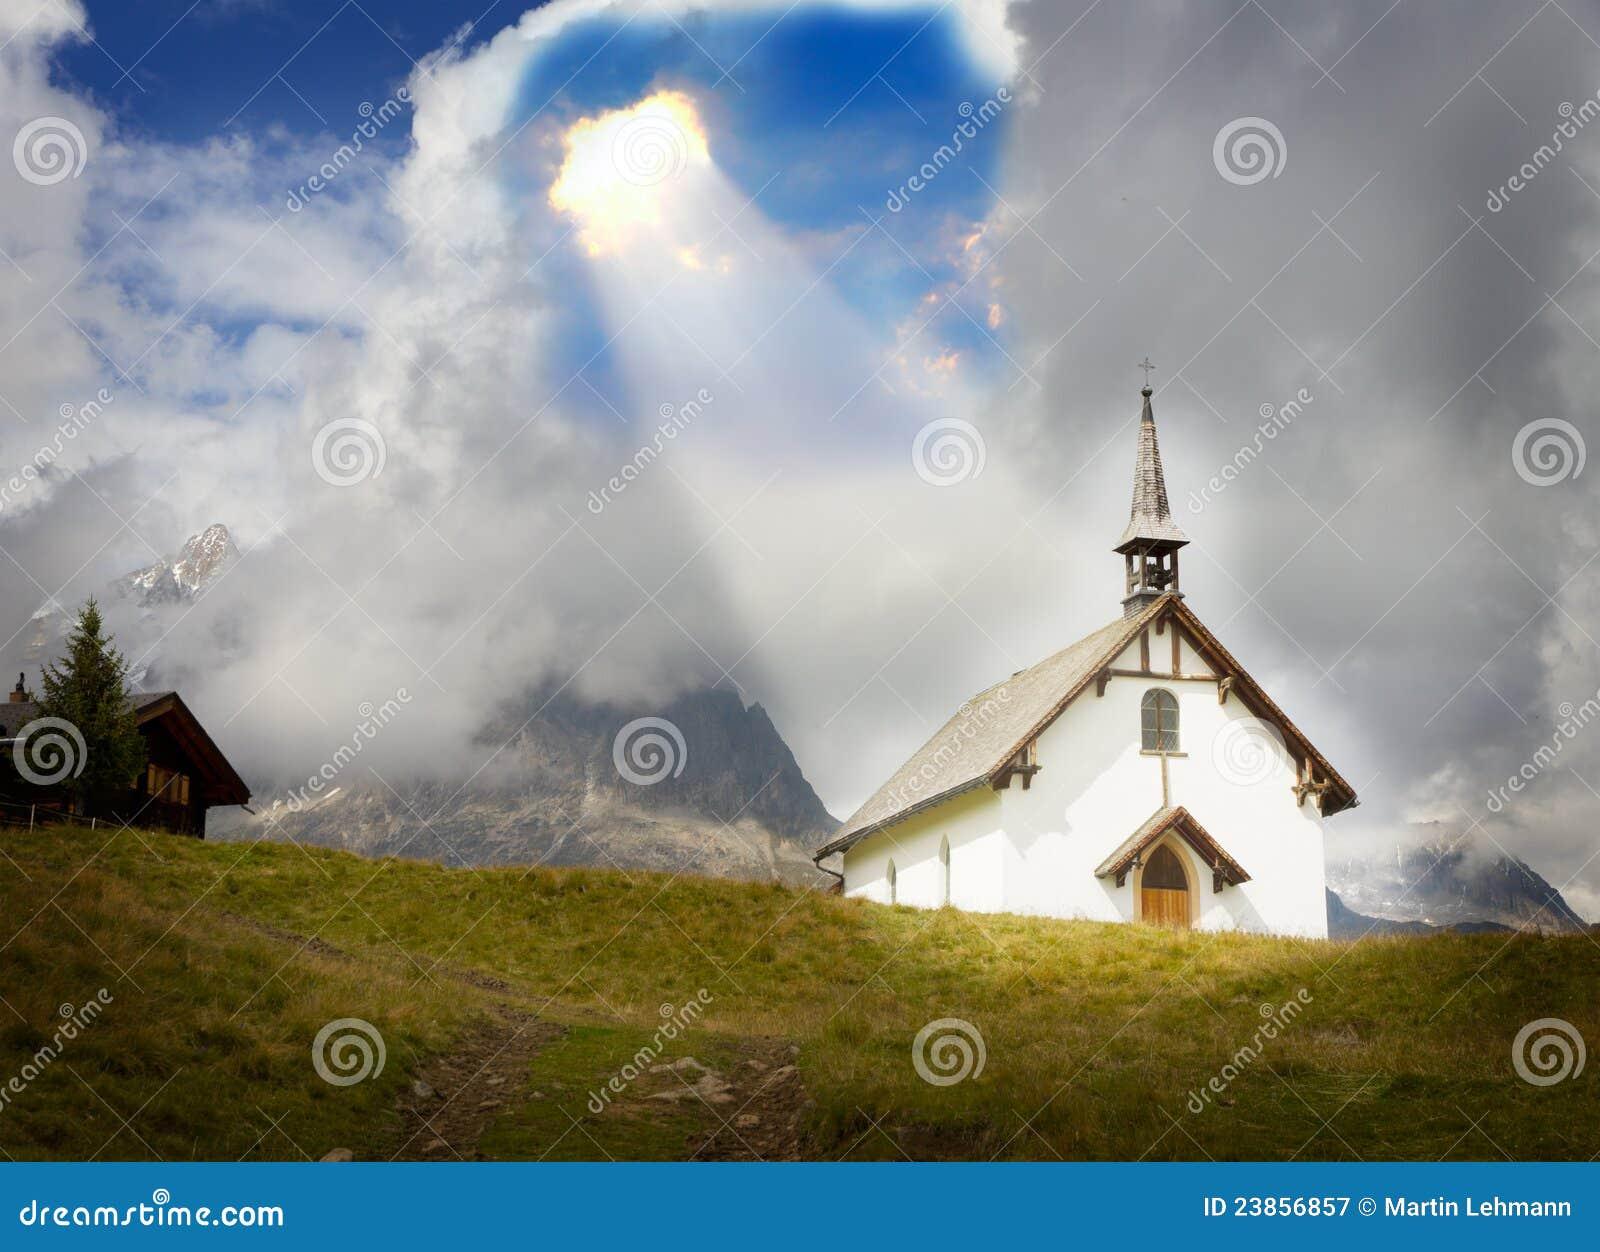 Concepto para el cristianismo, dios, creencia, relevación